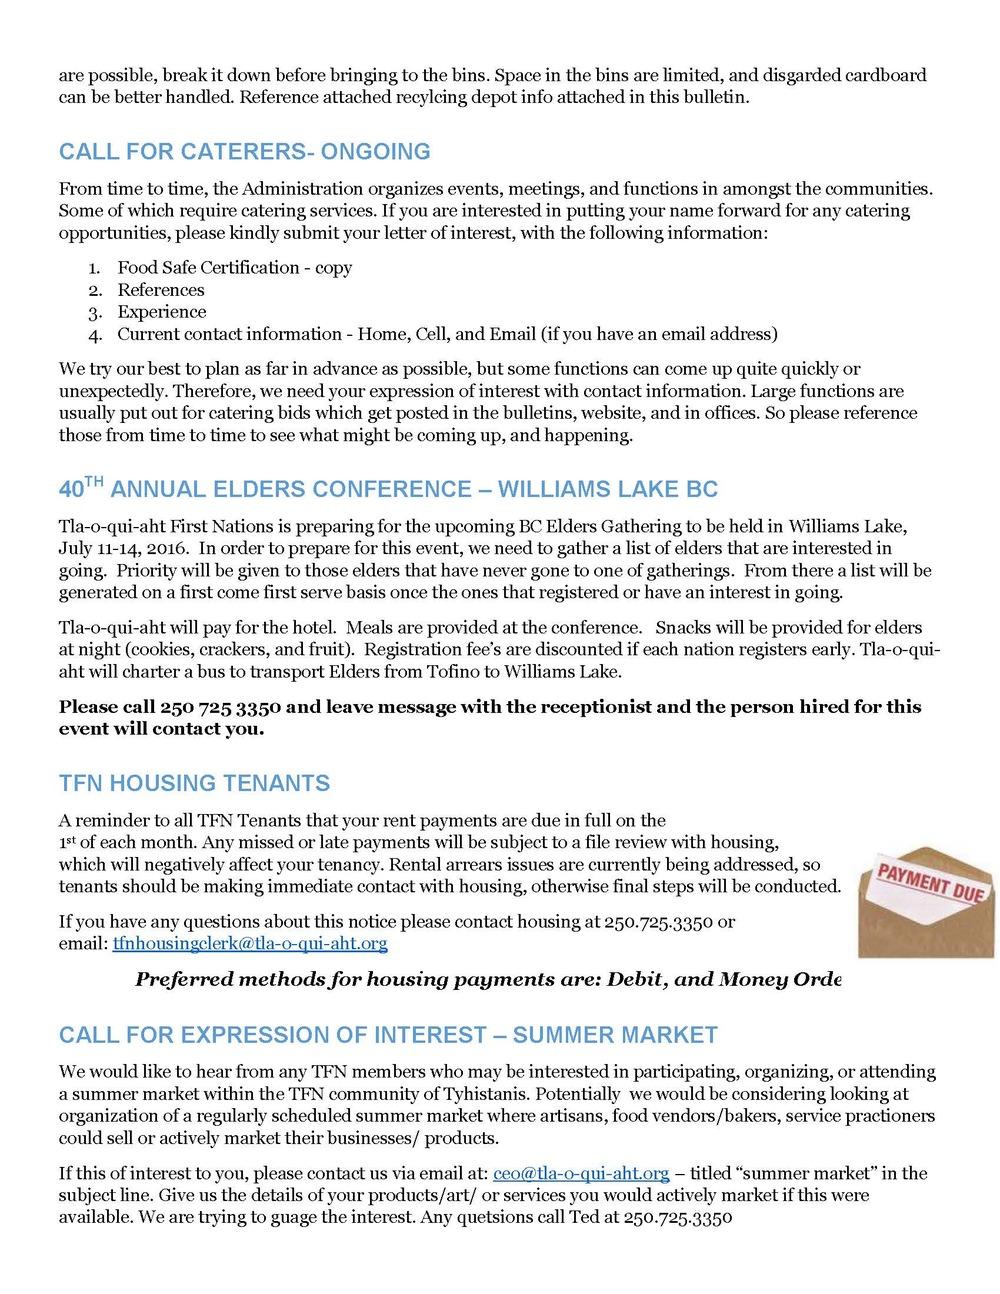 TFN Bulletin May 1-2016 (2)_Page_3.jpg